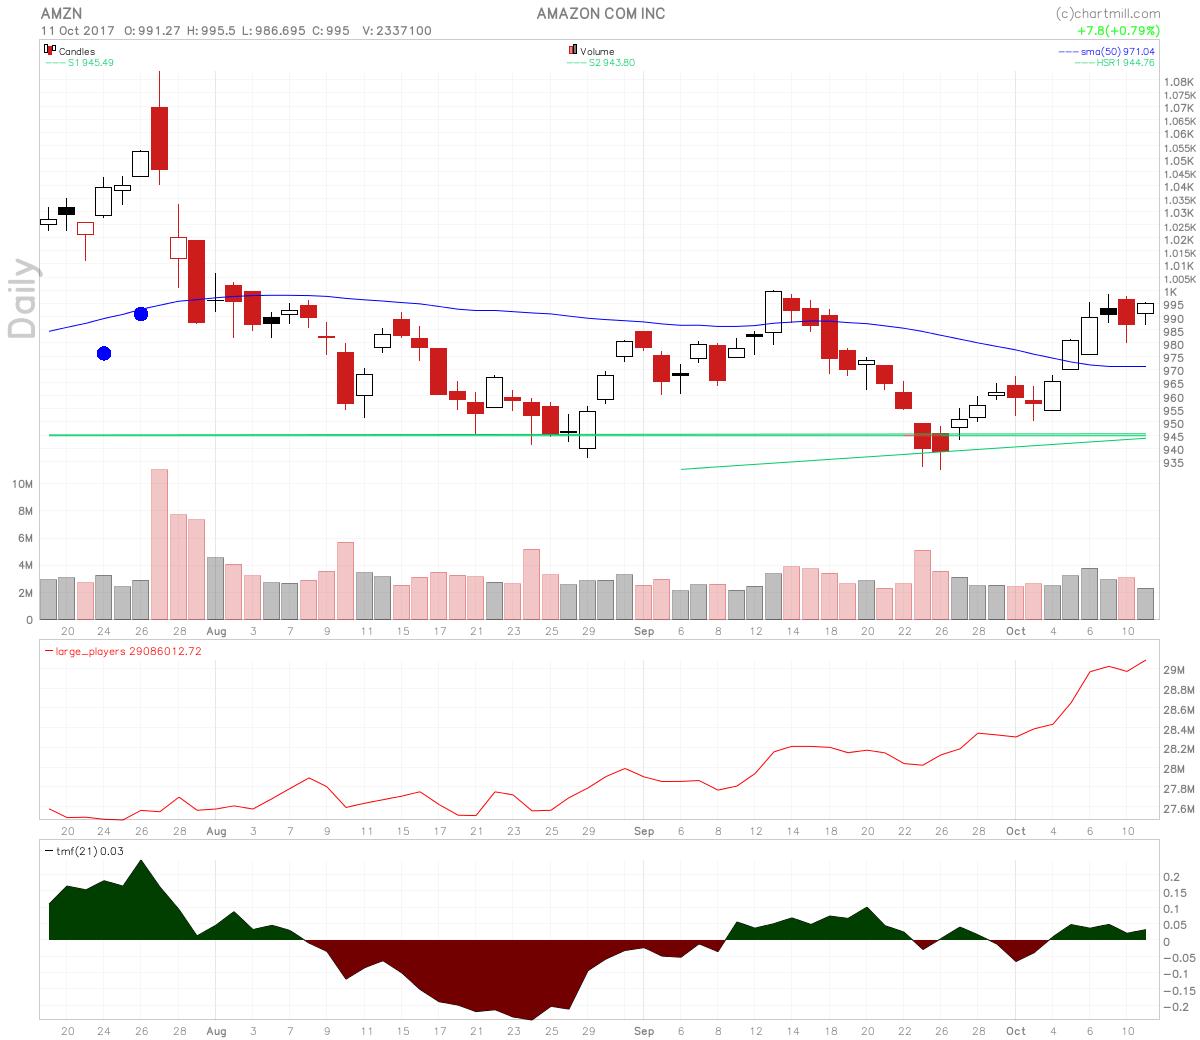 amazon stock price rating